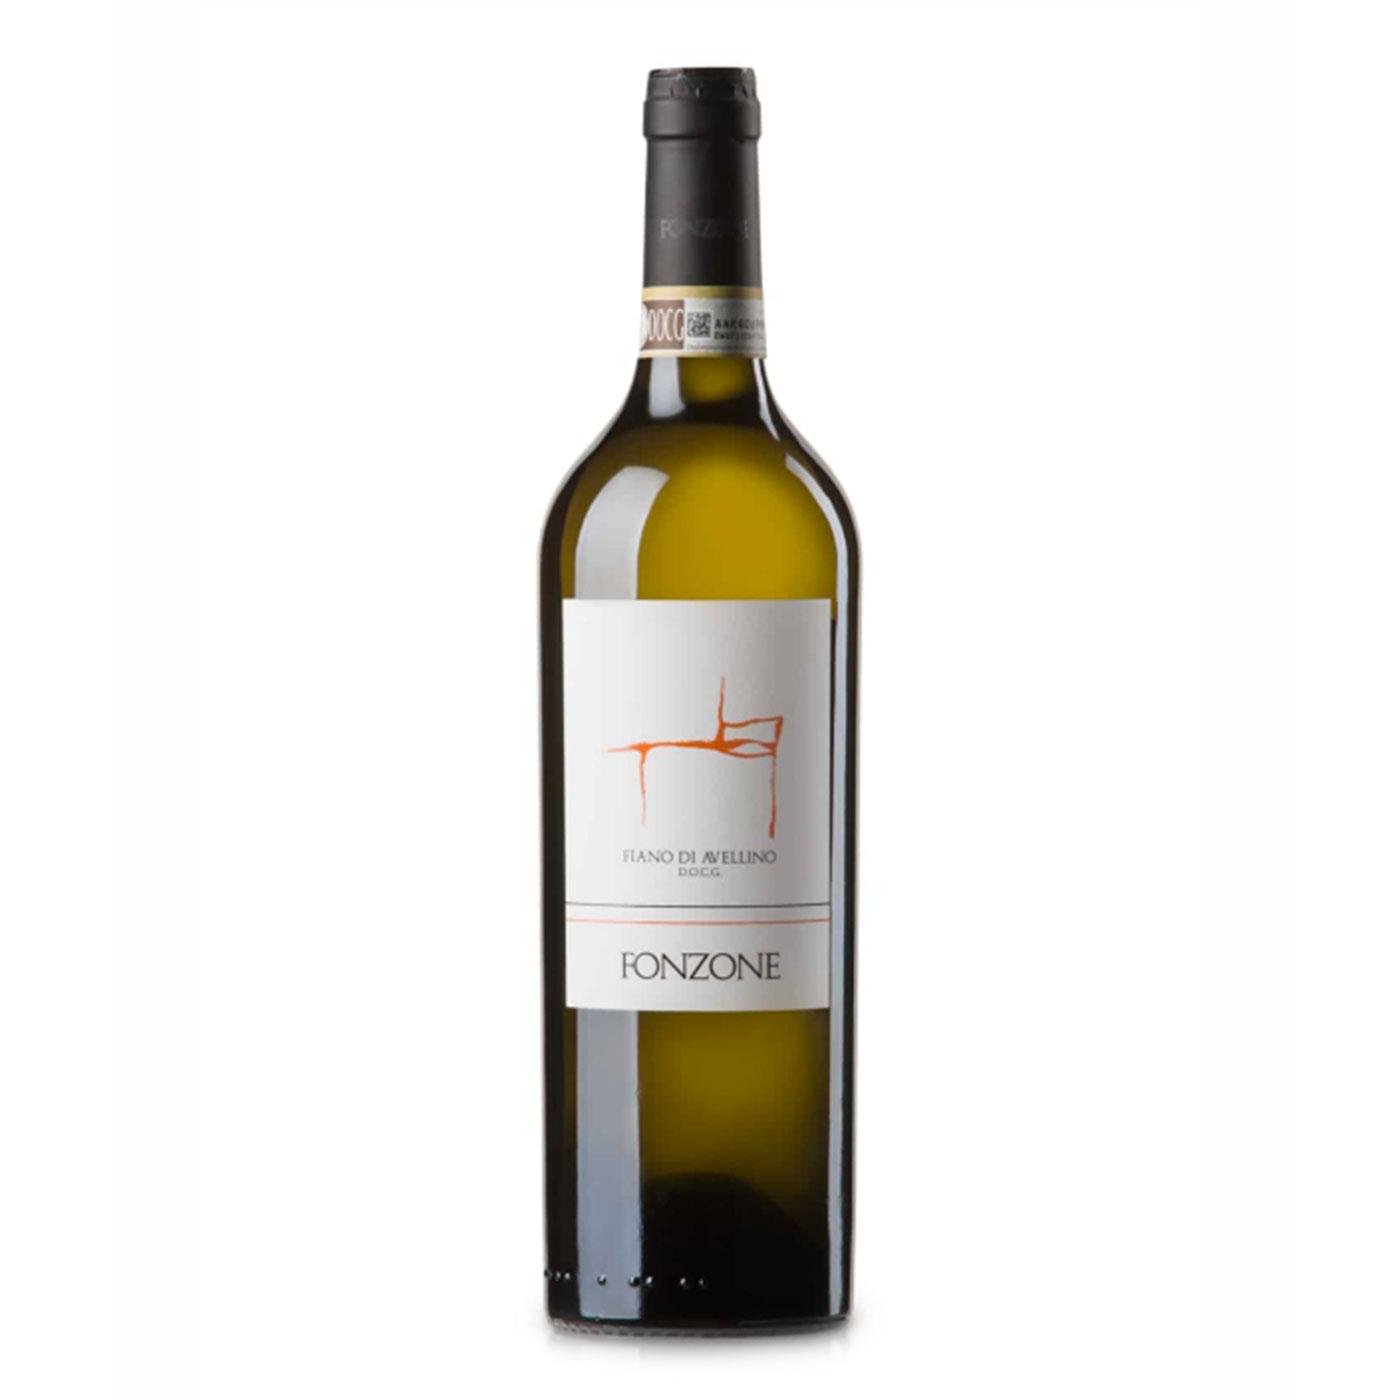 Fonzone Fiano di Avellino Docg 0,75l